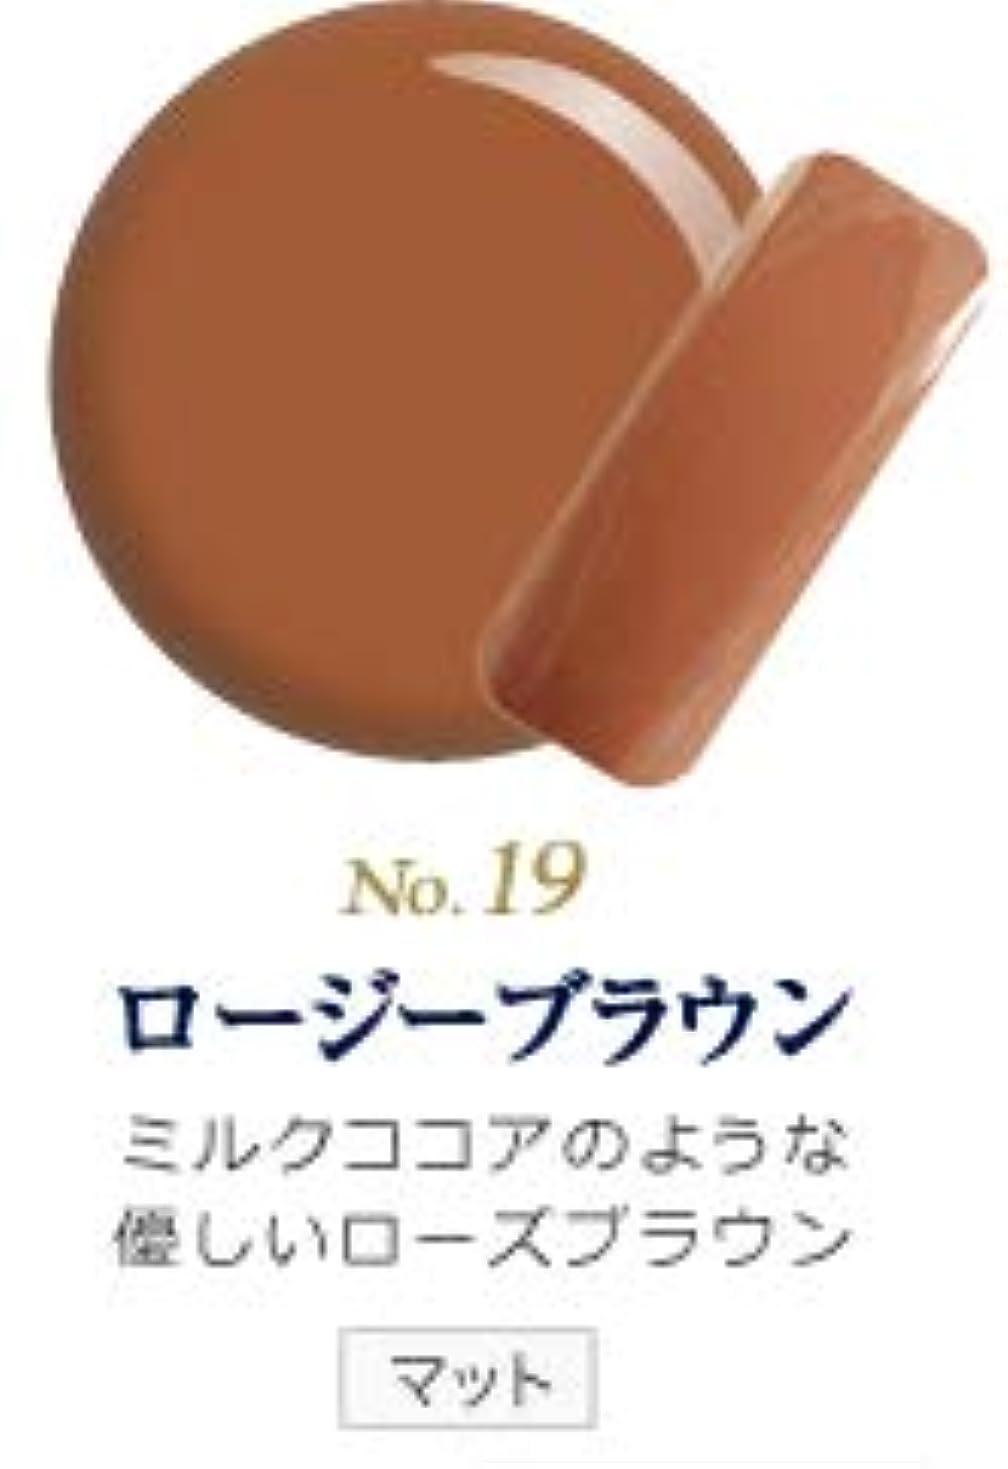 葉っぱバイバイサミュエル発色抜群 削らなくてもオフが出来る 新グレースジェルカラーNo.11~No.209 (ロージーブラウン)